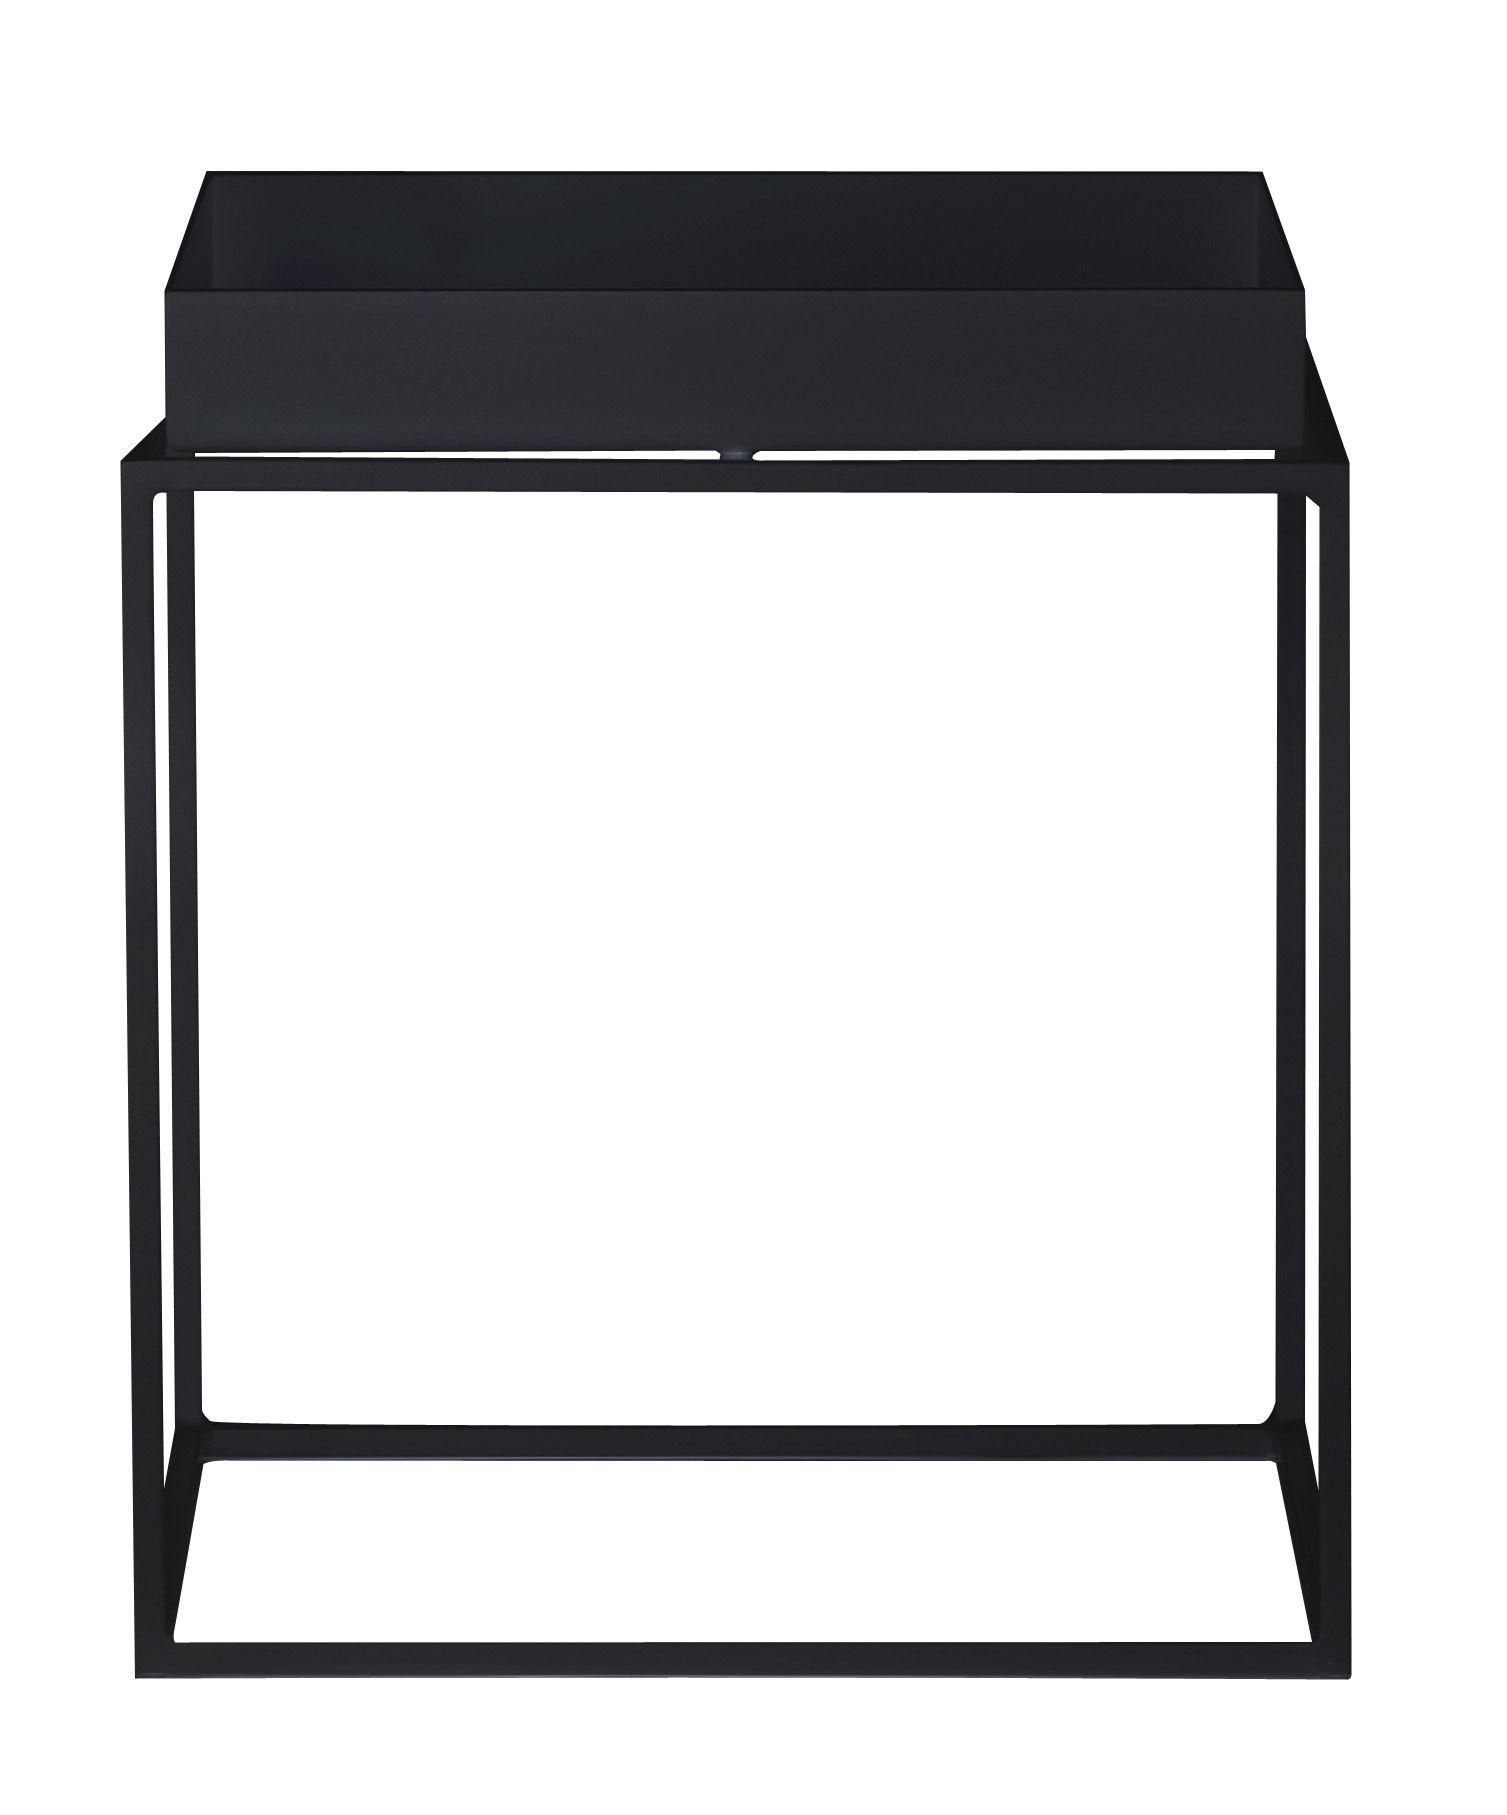 Möbel - Couchtische - Tray Couchtisch H 30 cm - 30 x 30 cm - Hay - Schwarz - lackierter Stahl